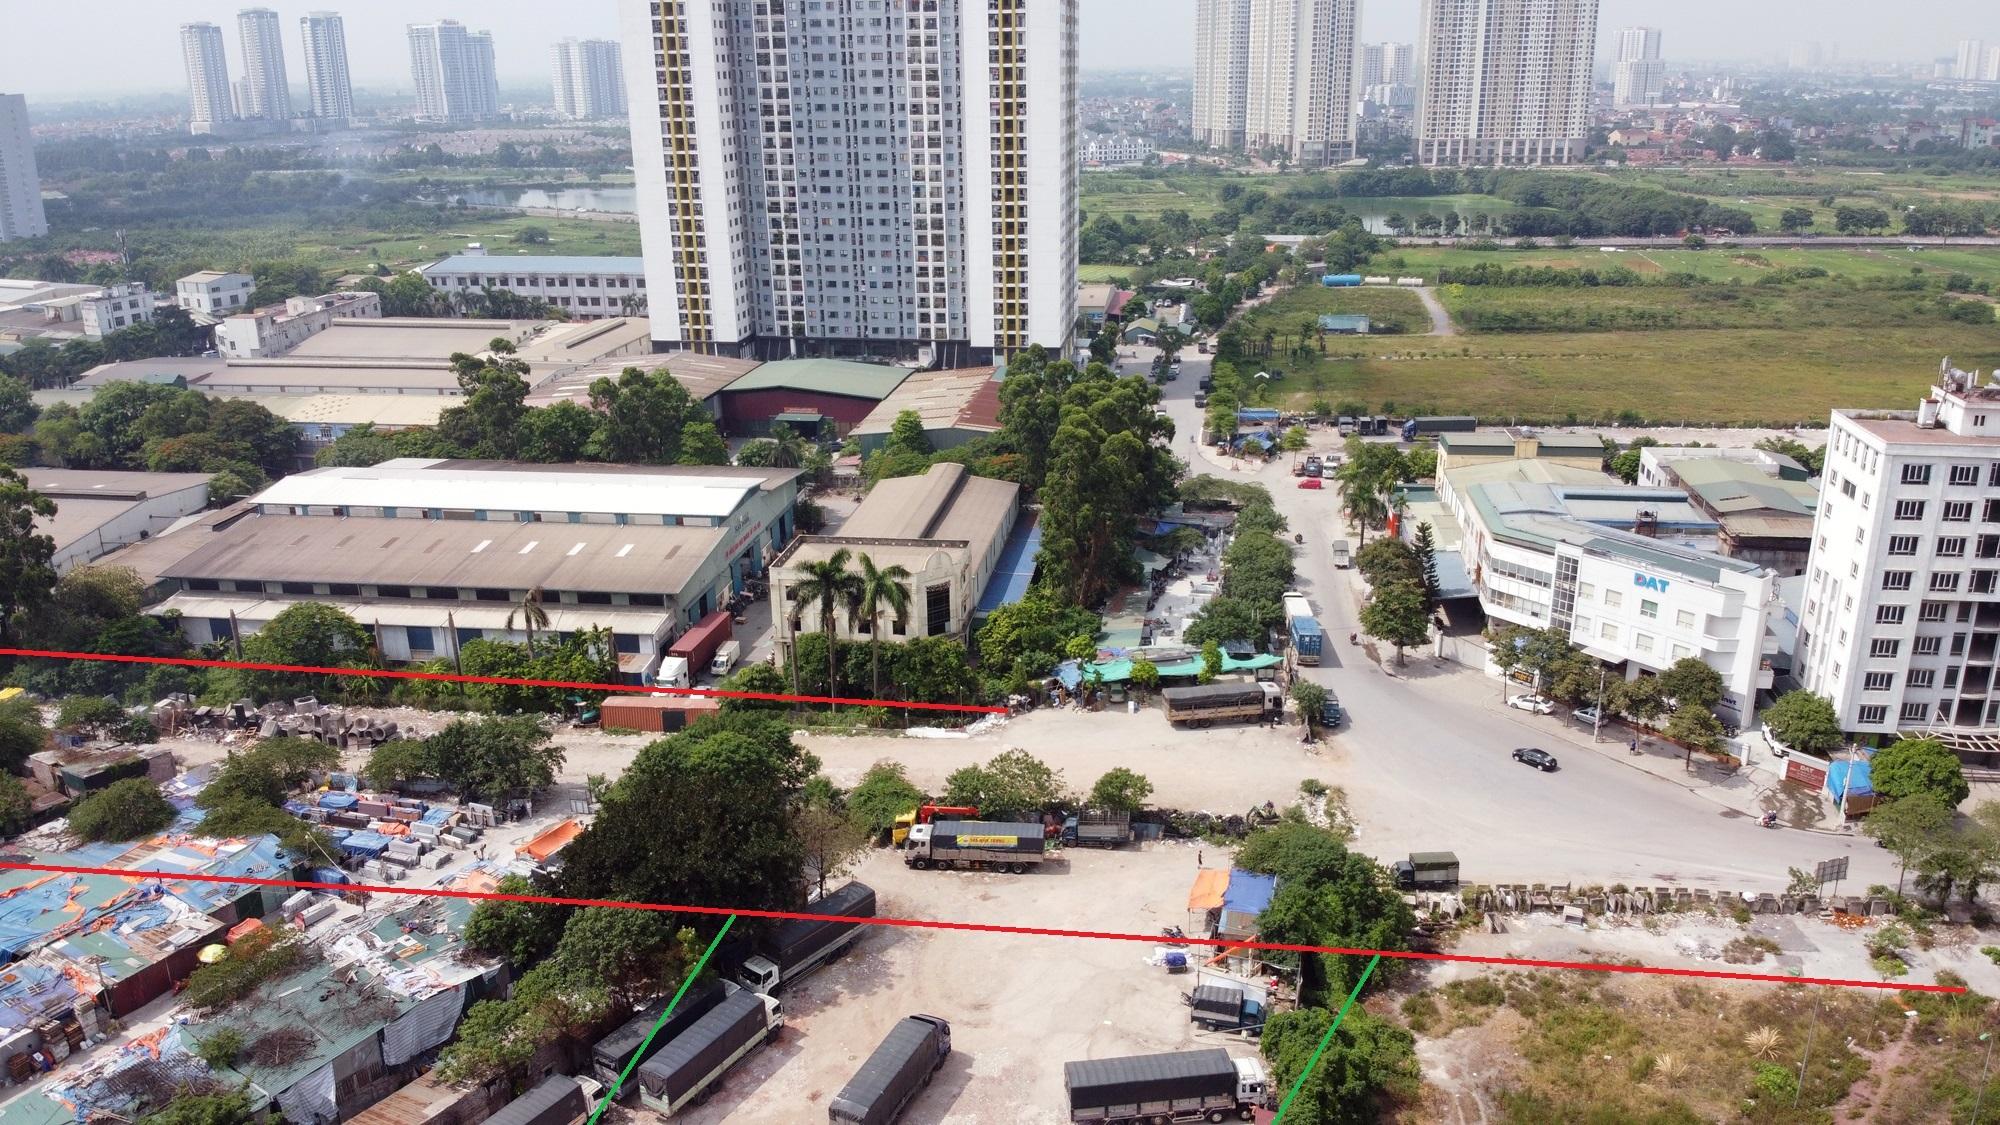 đường sẽ mở theo qui hoạch ở phường Hoàng Văn Thụ, Hoàng Mai, Hà Nội - Ảnh 8.